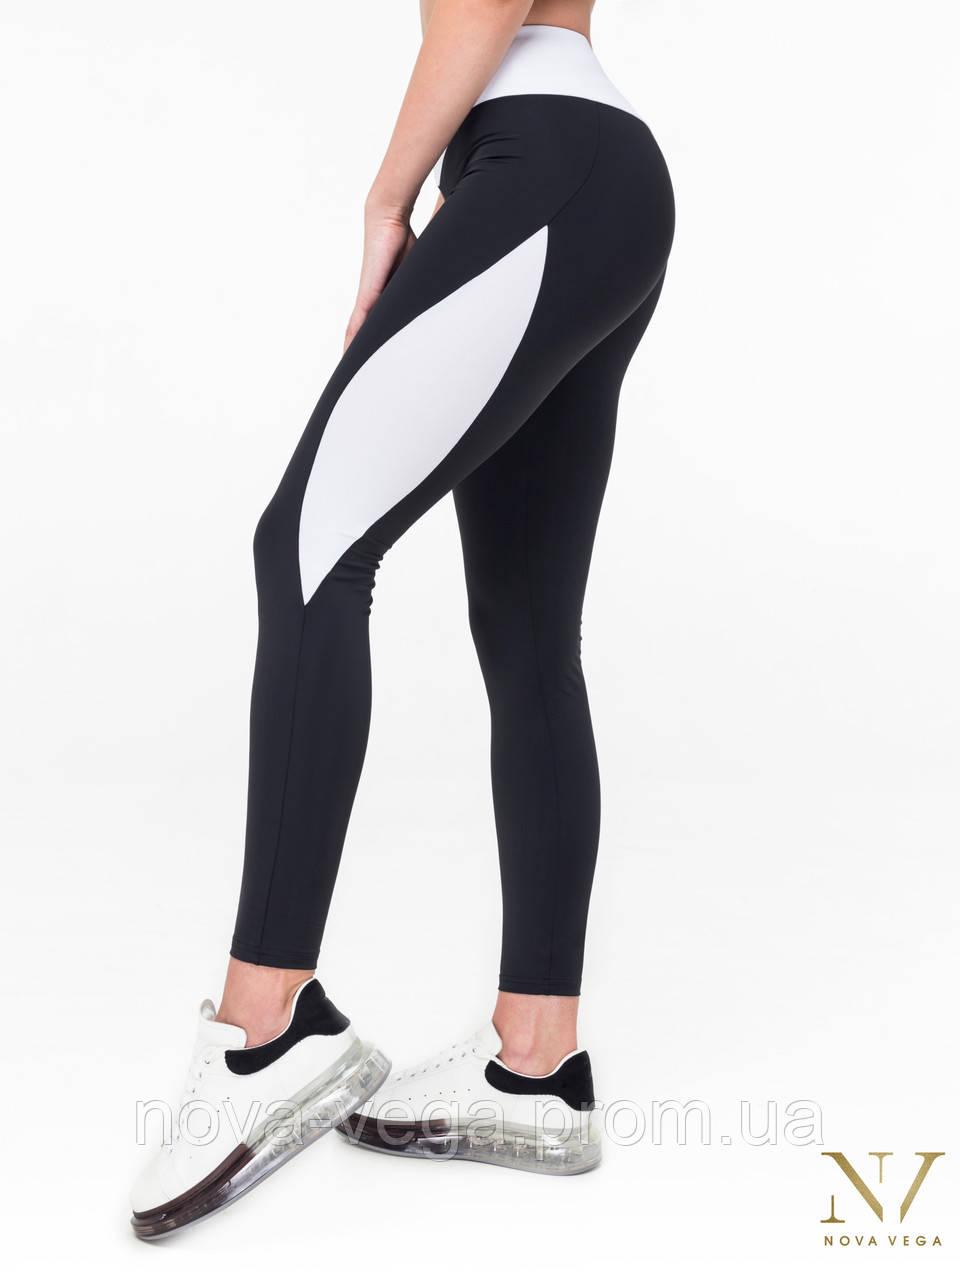 Спортивные Женские Лосины Nova Vega Victoria Black&White